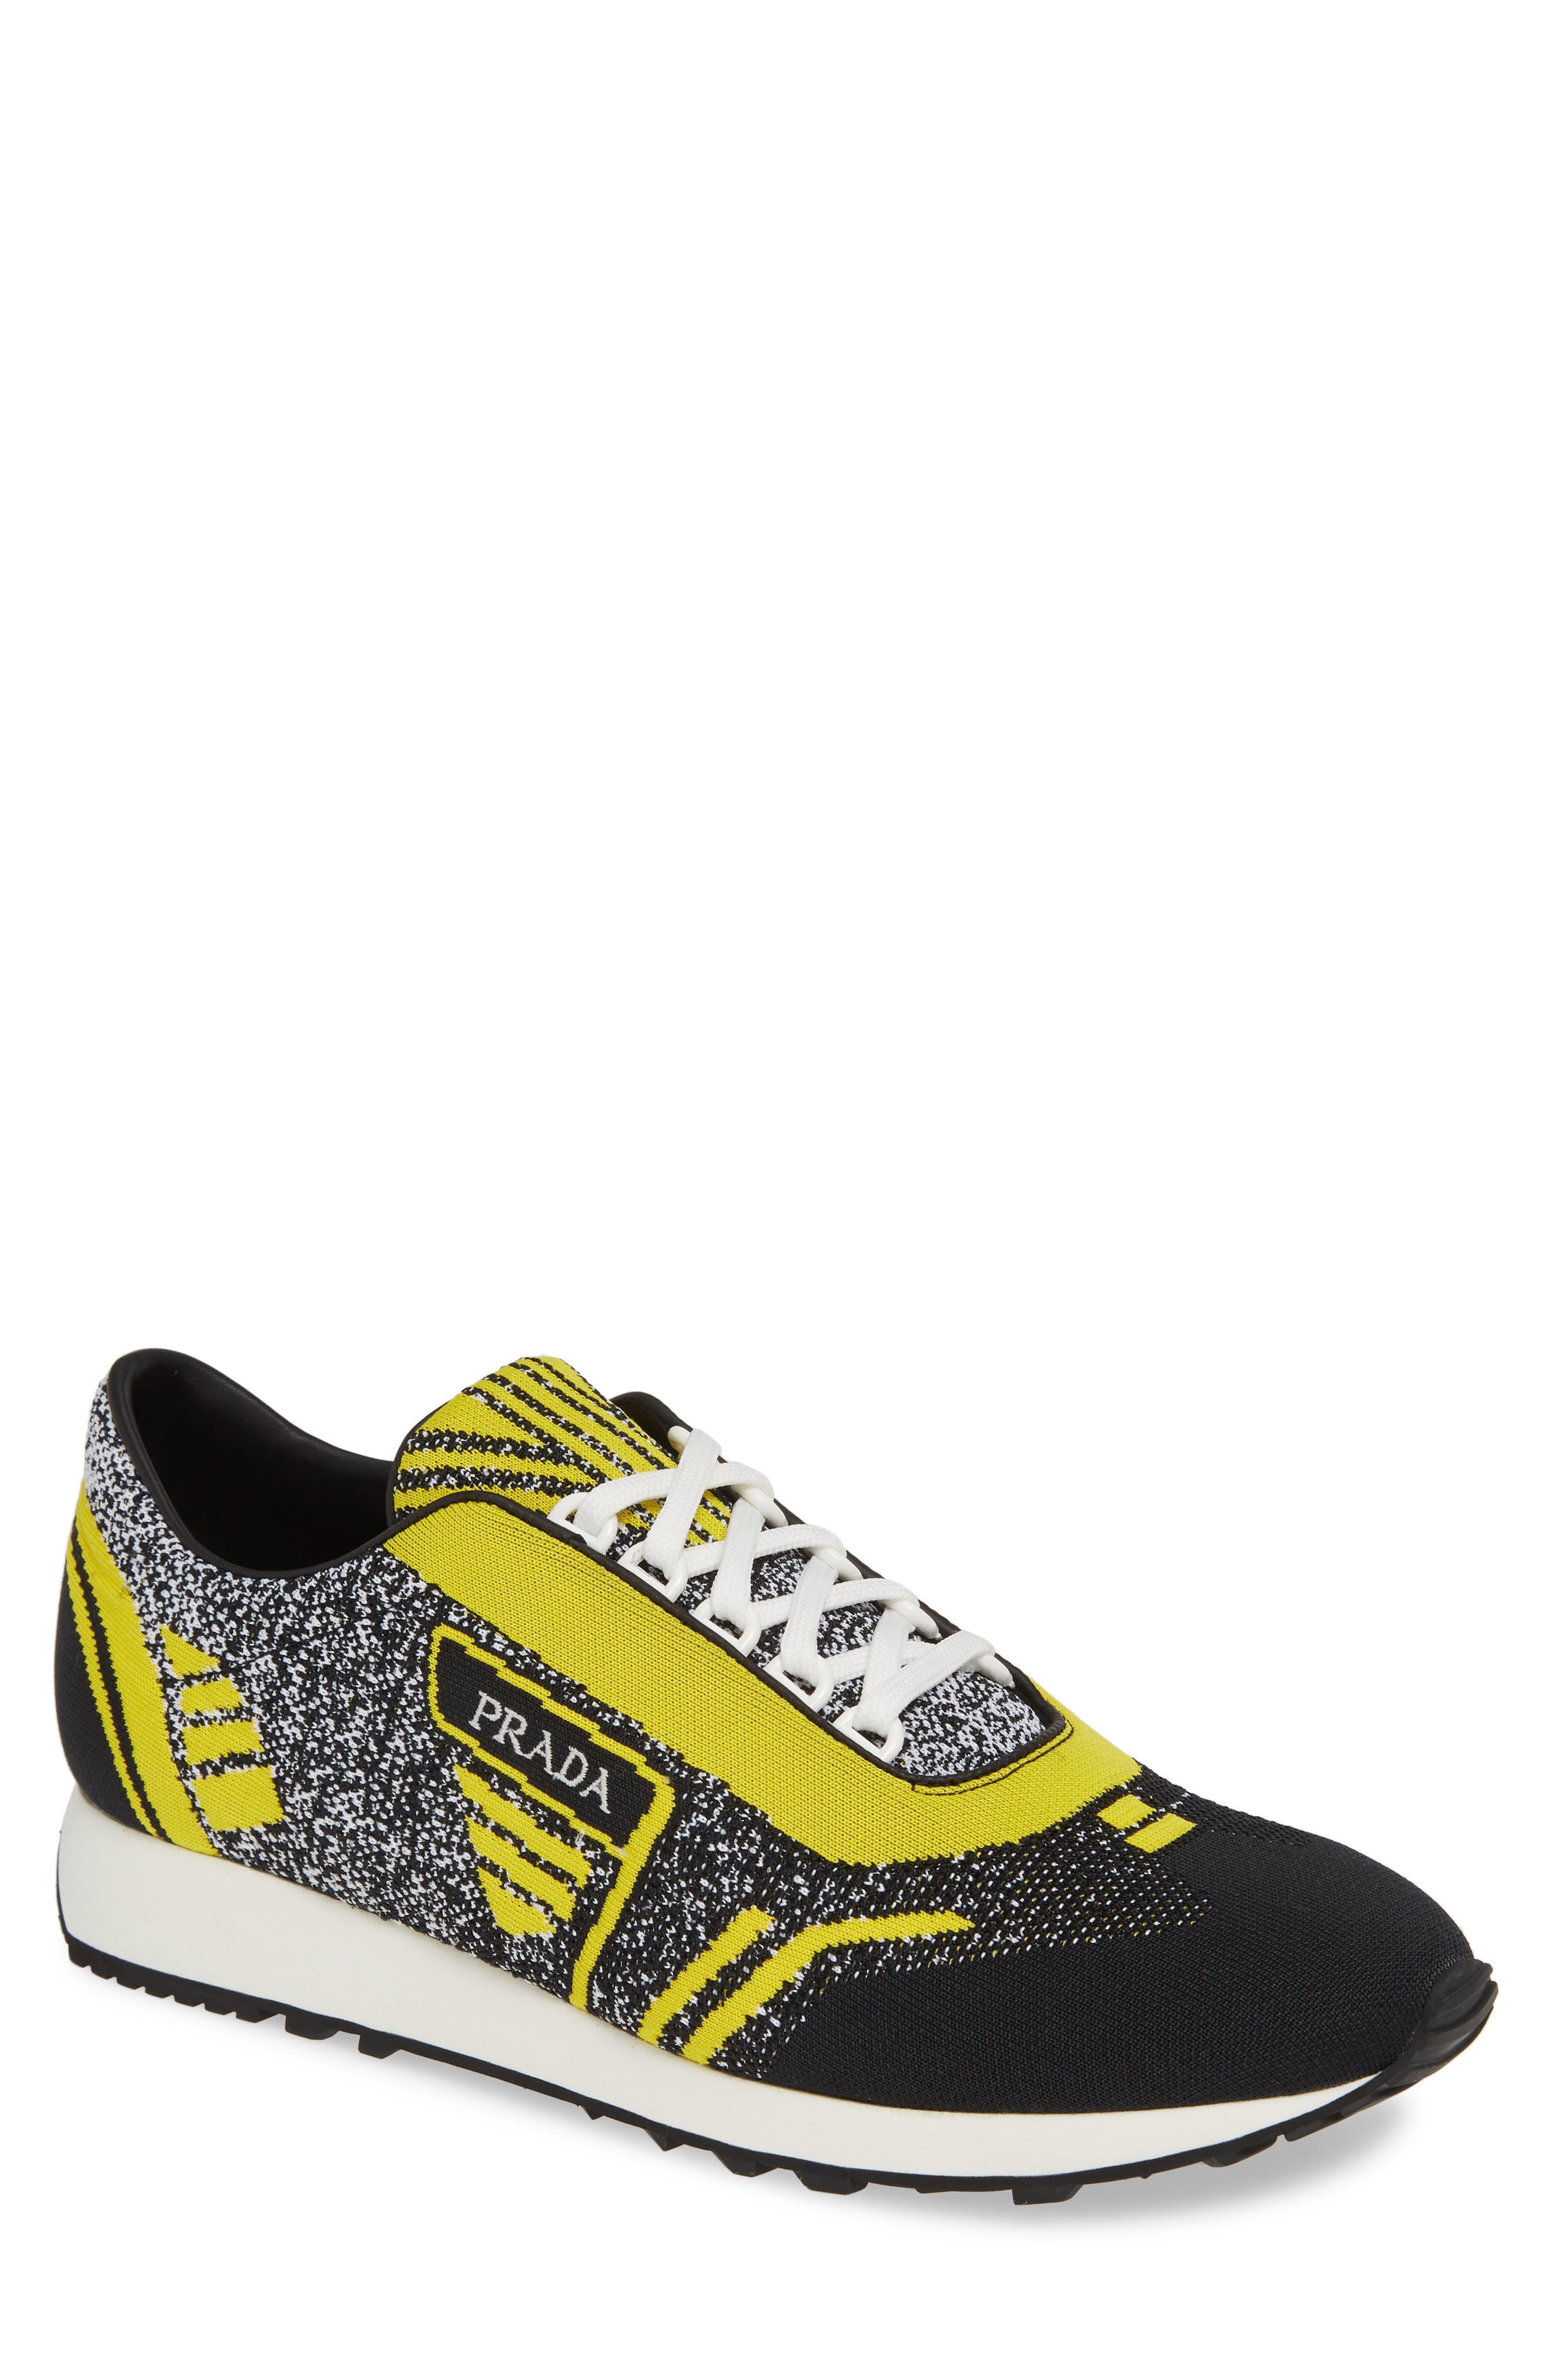 Retro Trainer Sneaker,                             Main thumbnail 1, color,                             NERO GIALLO